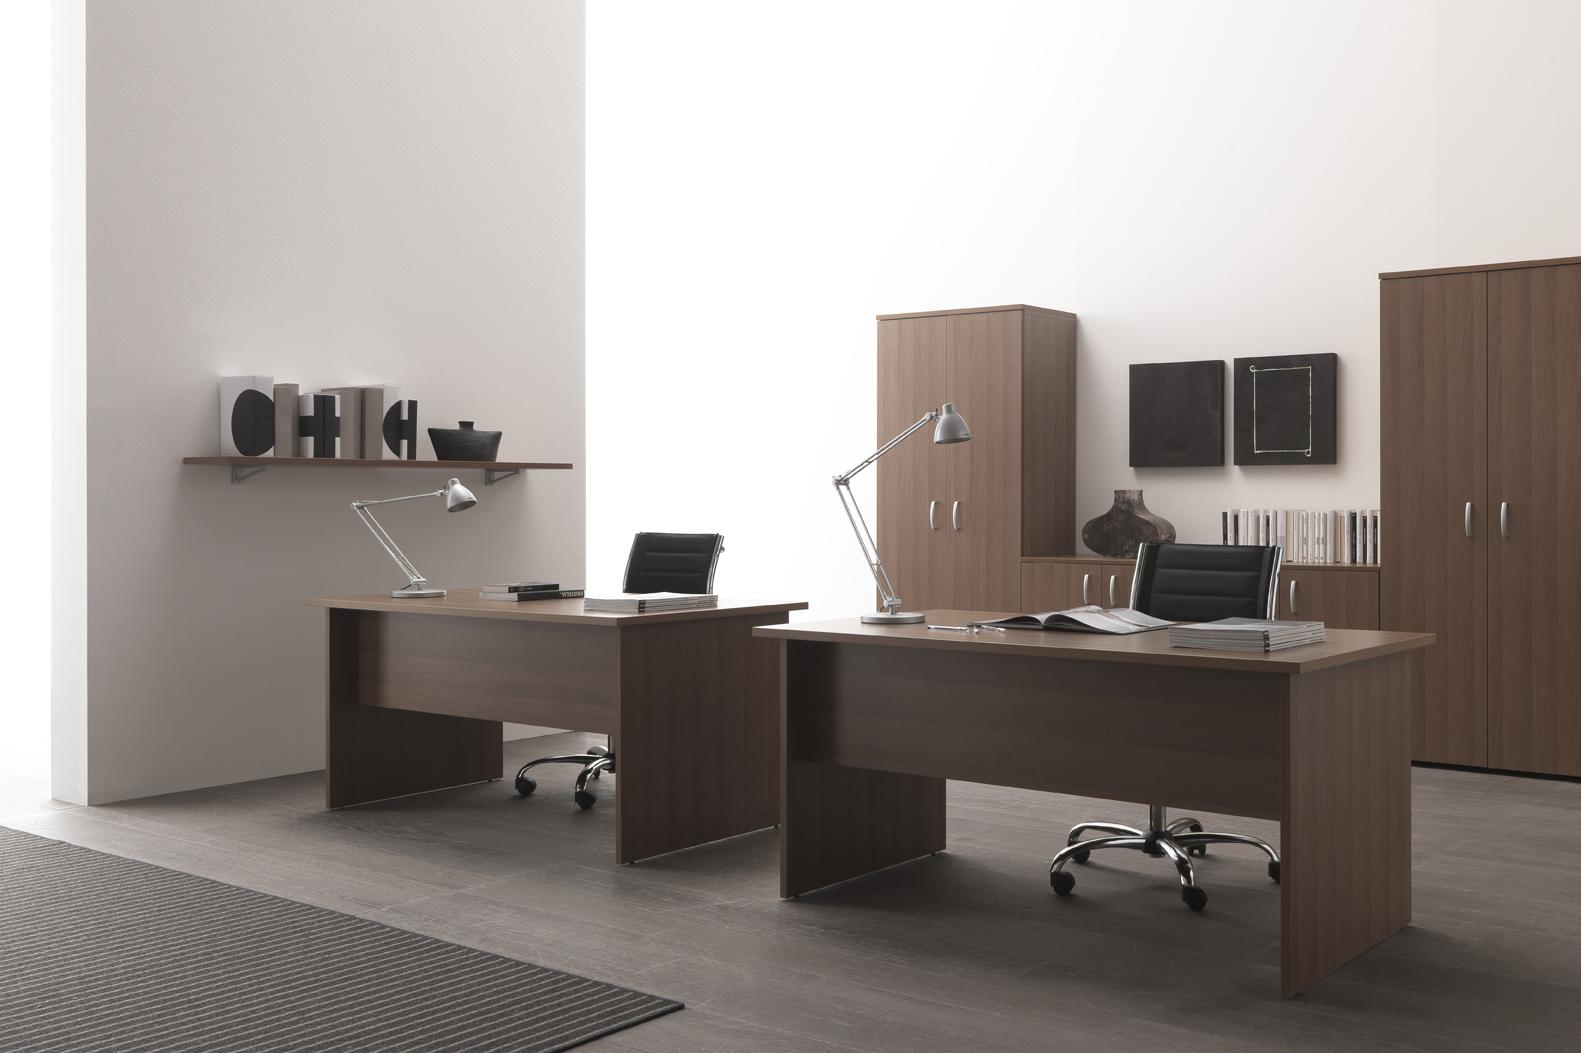 Colori Ufficio Moderno : L ufficio idee agenzia creativa e uffici moderni